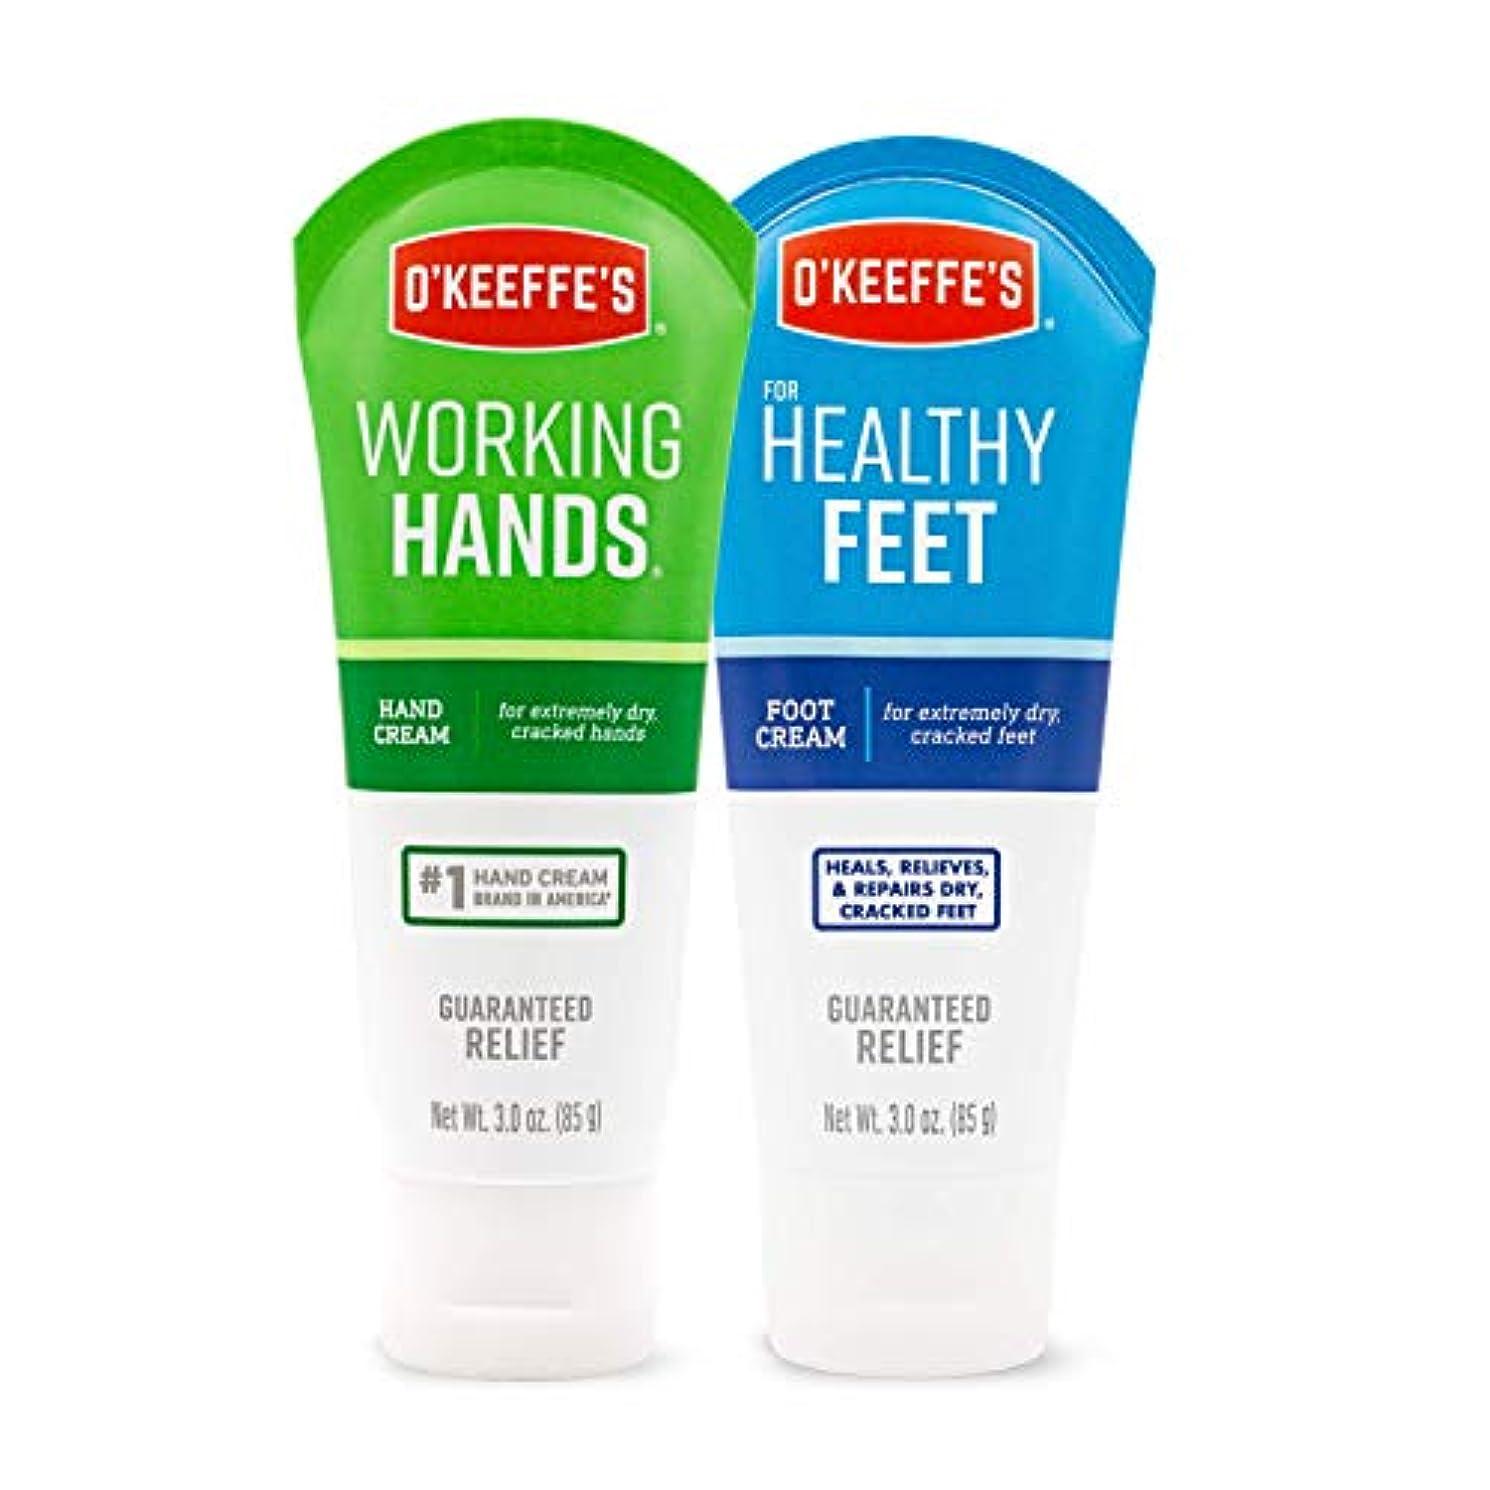 逆説かすれた人形オキーフス ワーキングハンドクリーム &フィートクリームチューブ  85g 各1(合計2点)(並行輸入品) O'Keeffe's Working Hand & Feet Tube Cream 3oz 1 each